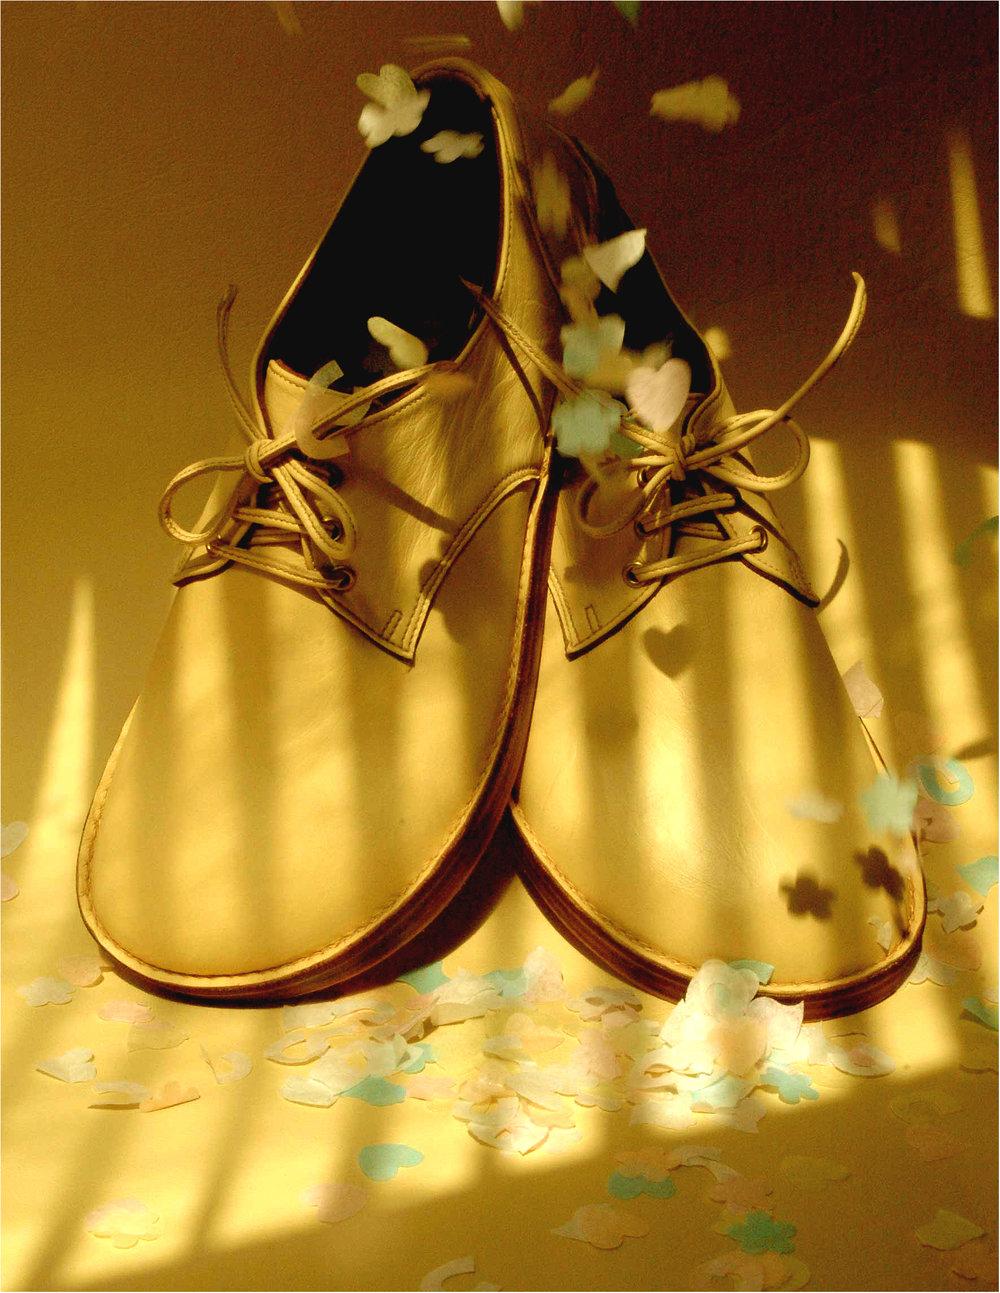 Nico Wedding Shoes 8.8.08.jpg